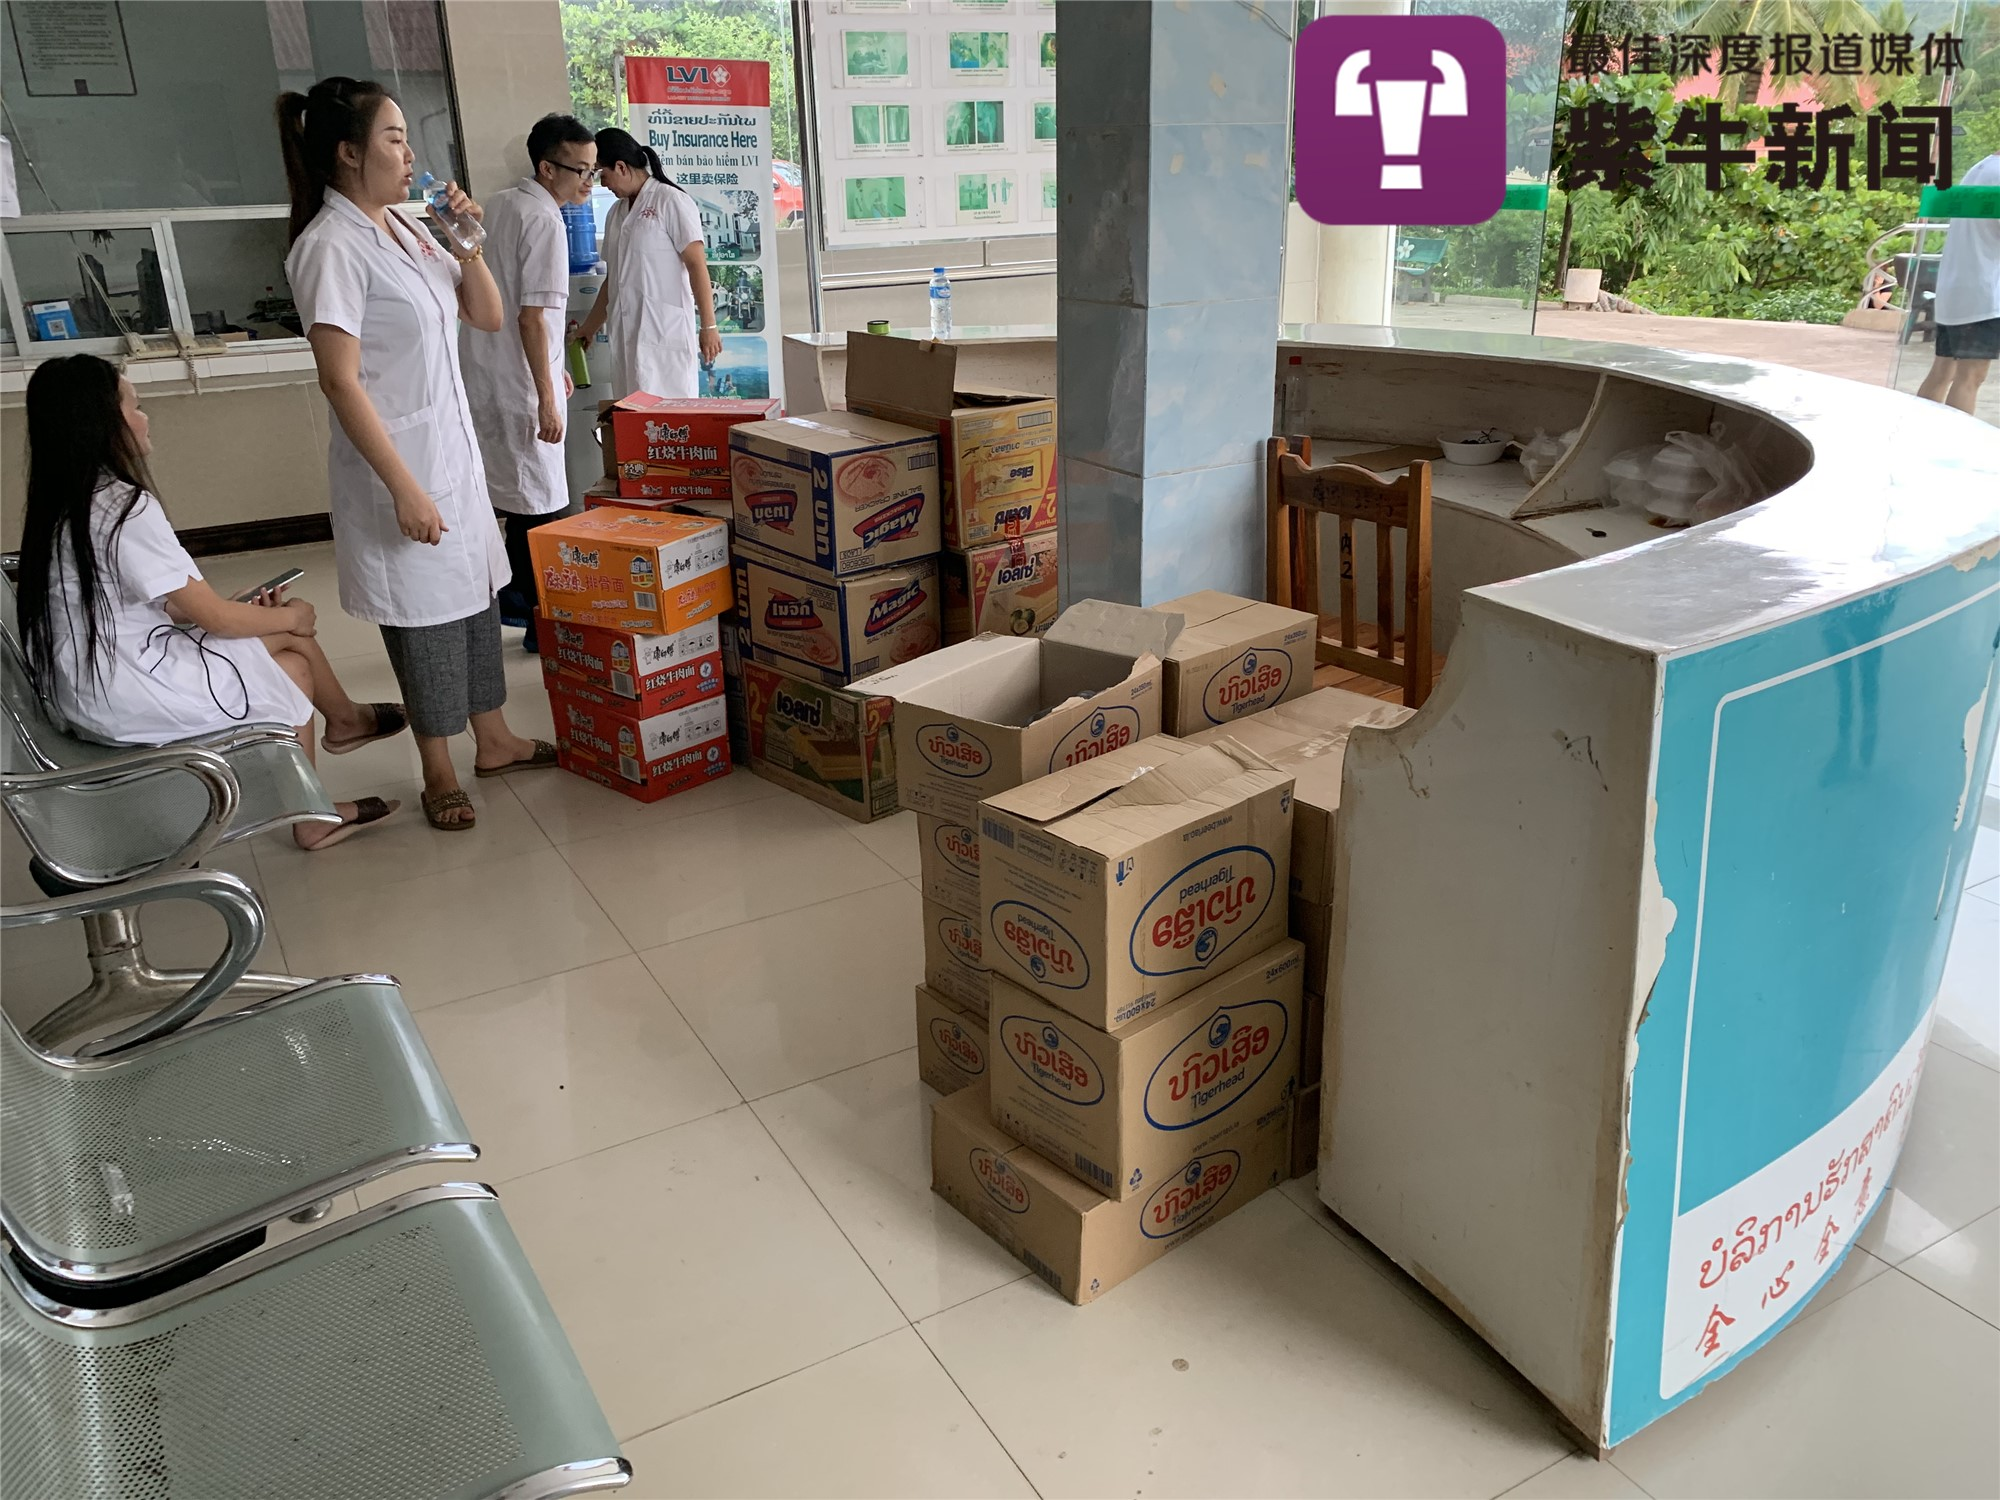 老挝车祸幸存者:若没提醒我们2位导游可能不会死